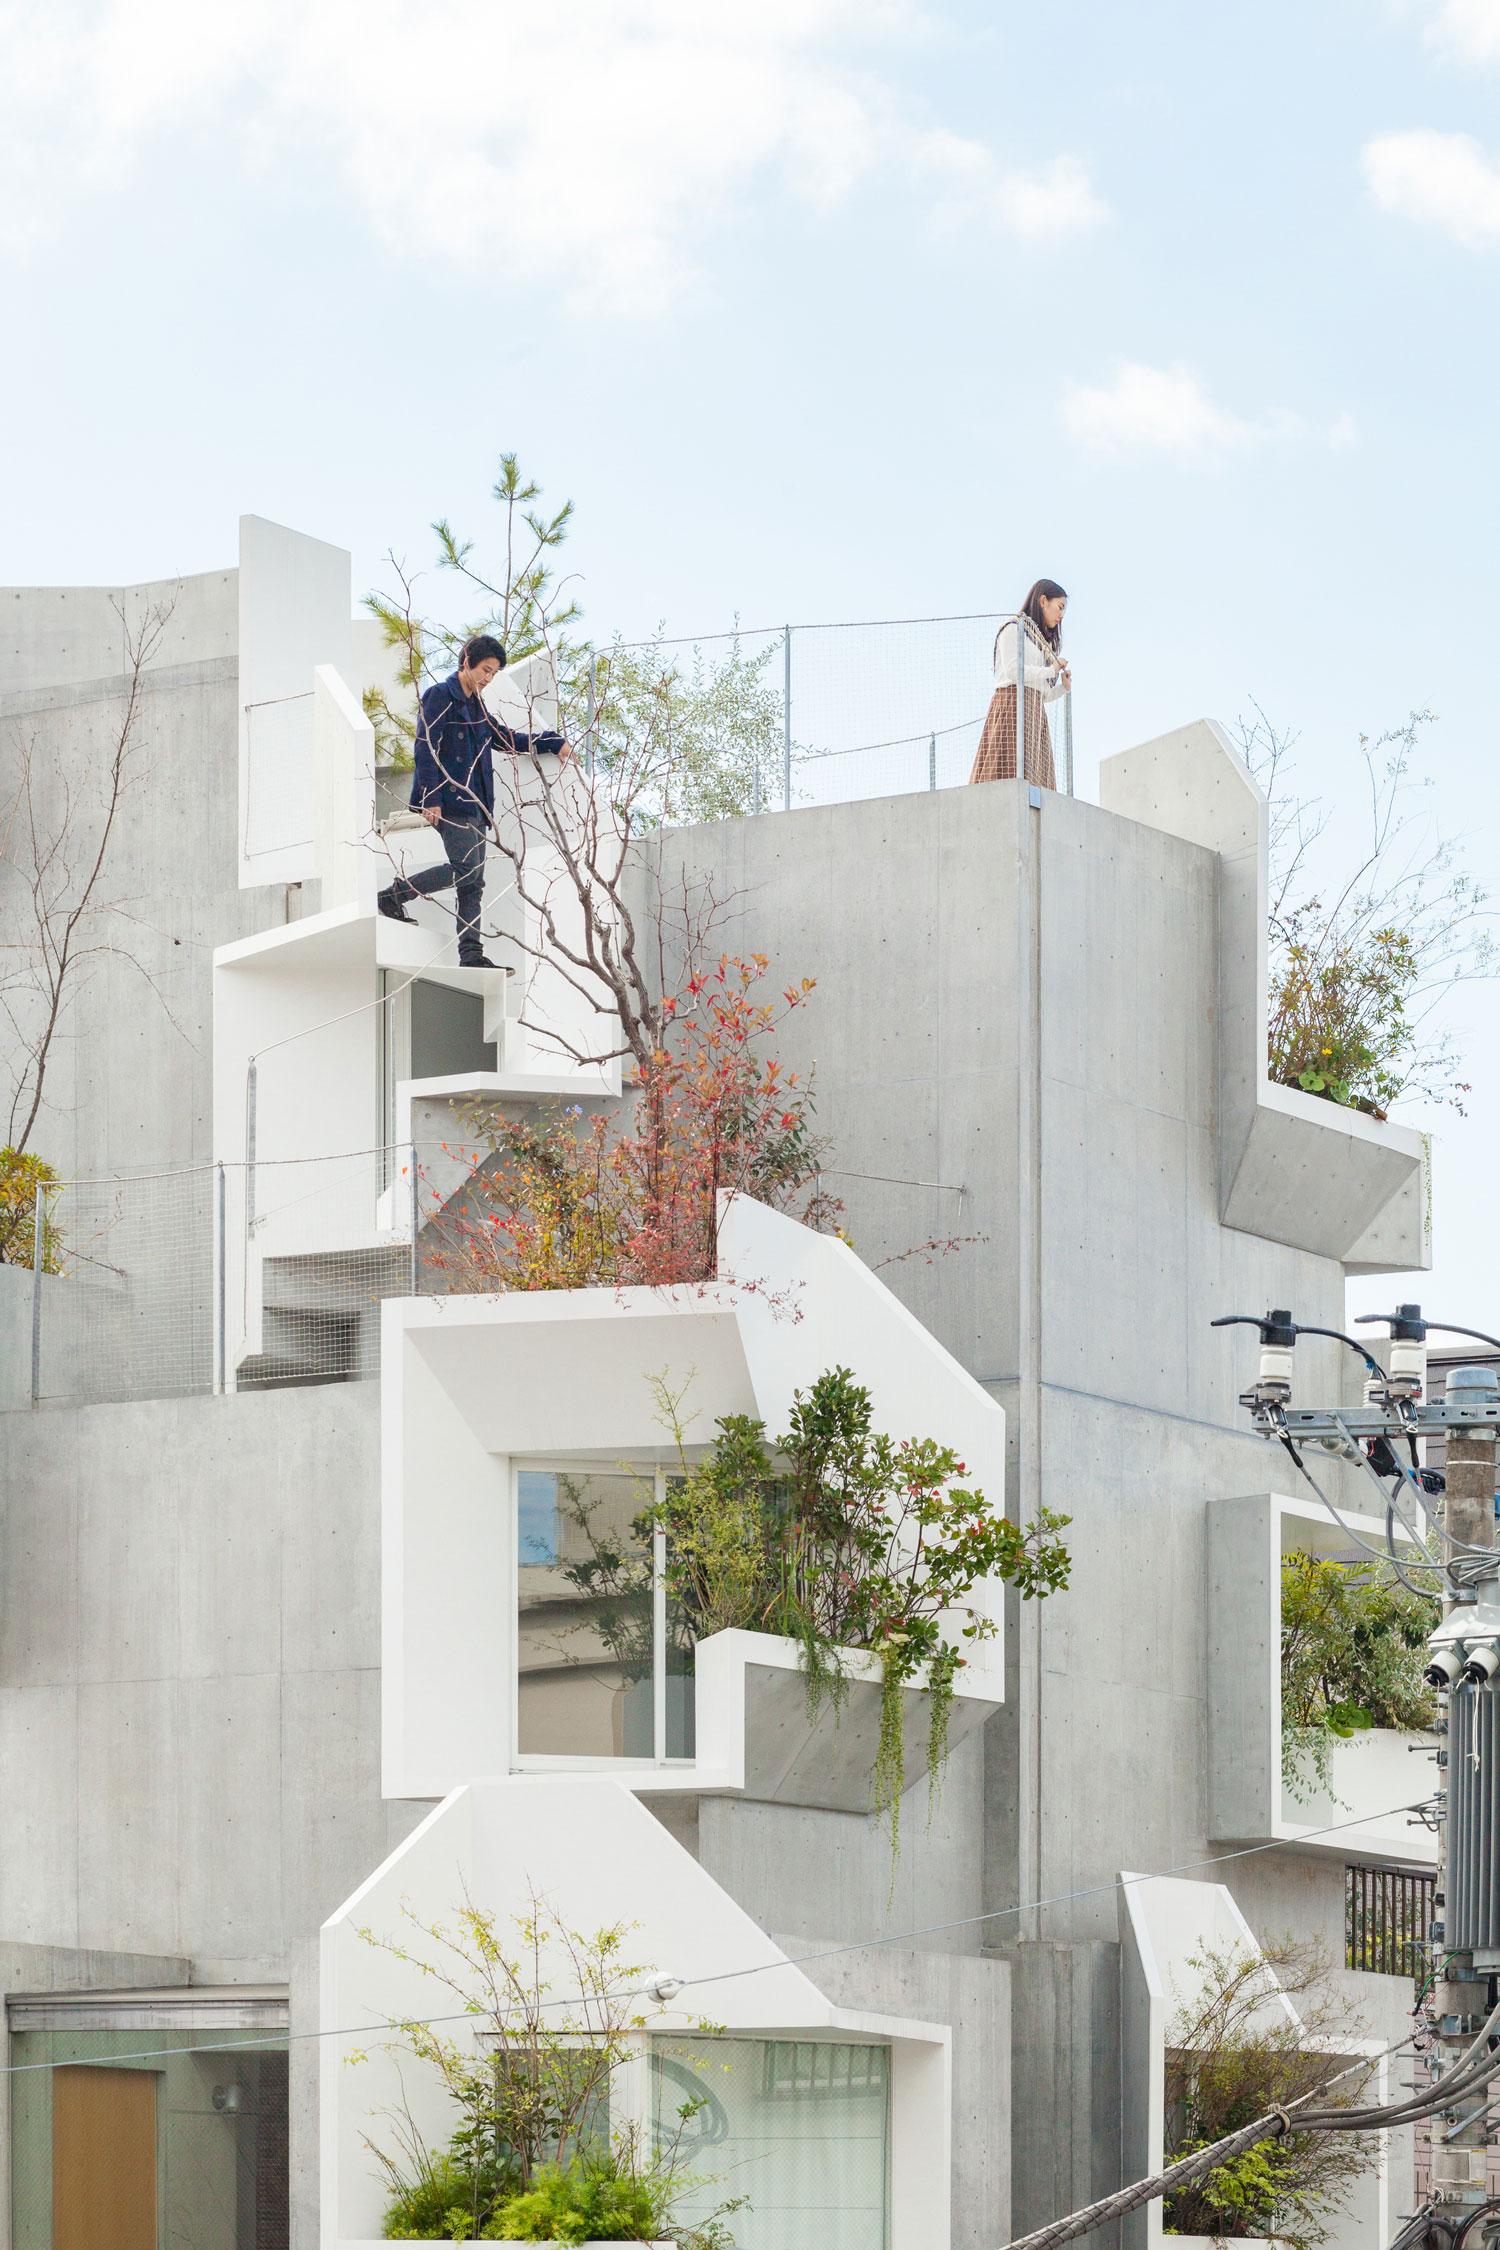 Tree-ness-House-Toshima-Japan-by-Akihisa-Hirata-Yellowtrace-04.jpg